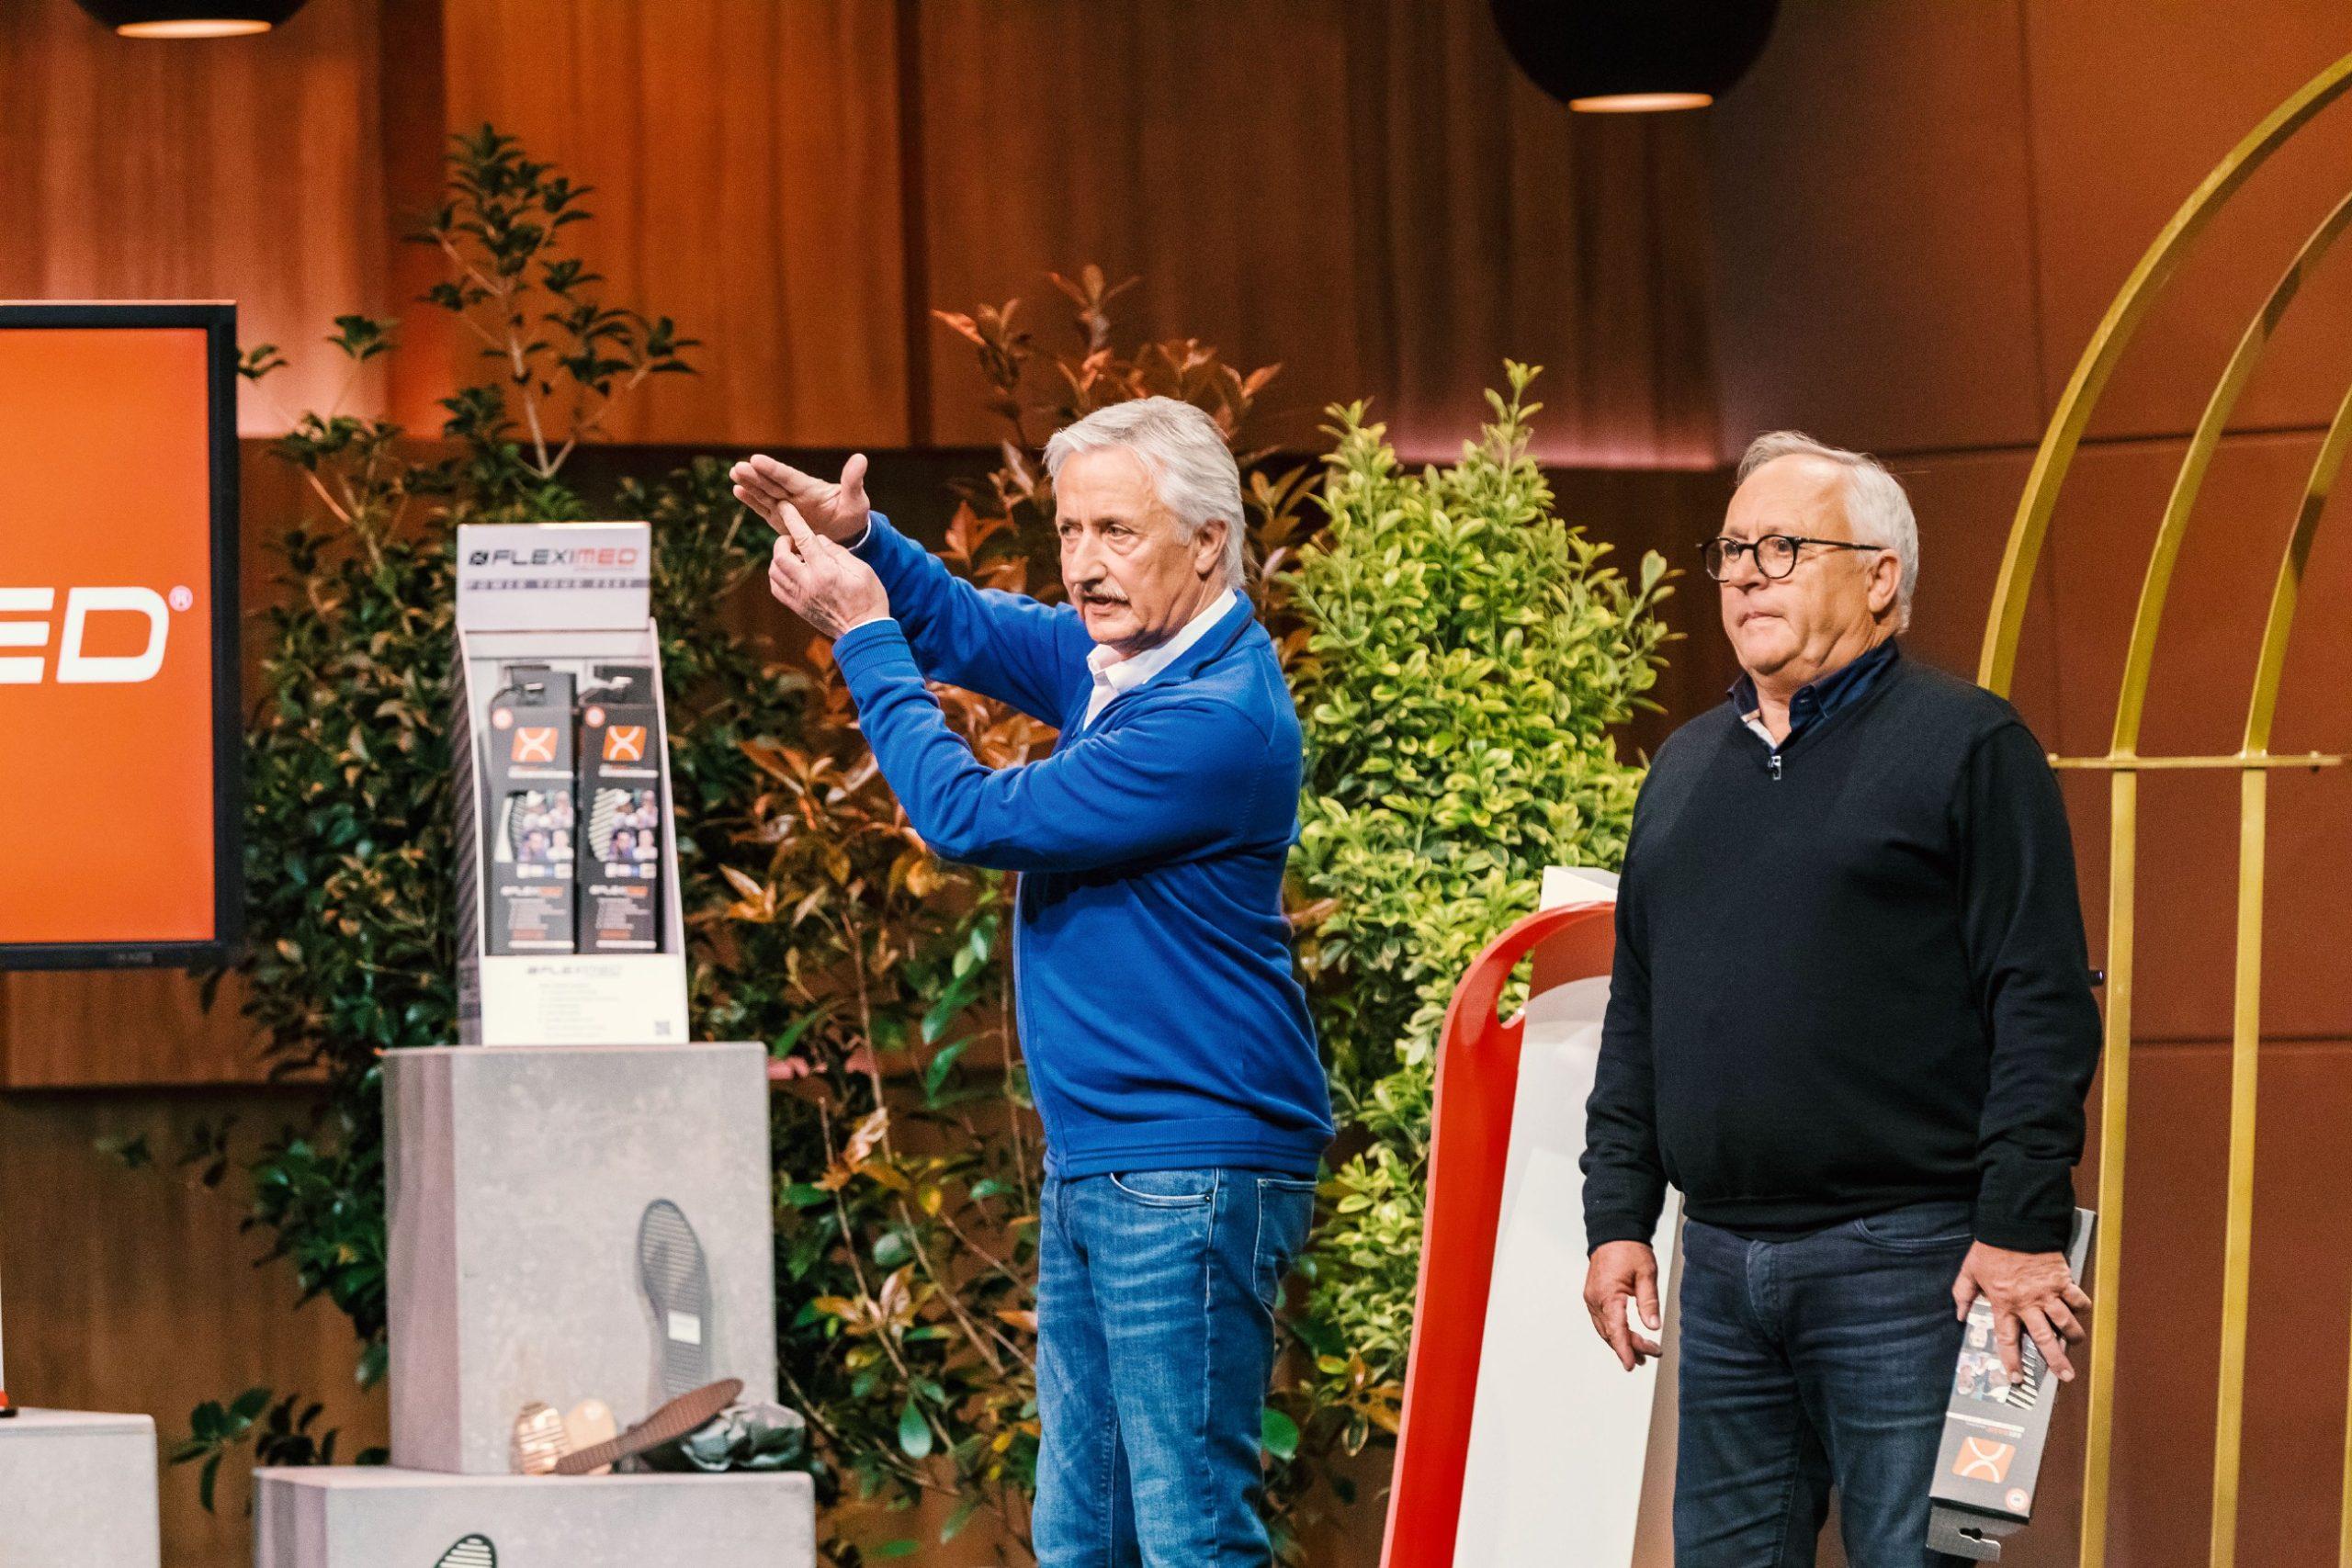 Cave of the Lions, Frank Thelen, Dagmar Wöhrl, Carsten Maschmeyer, Georg Kofler, Ralf Dümmel, Startup